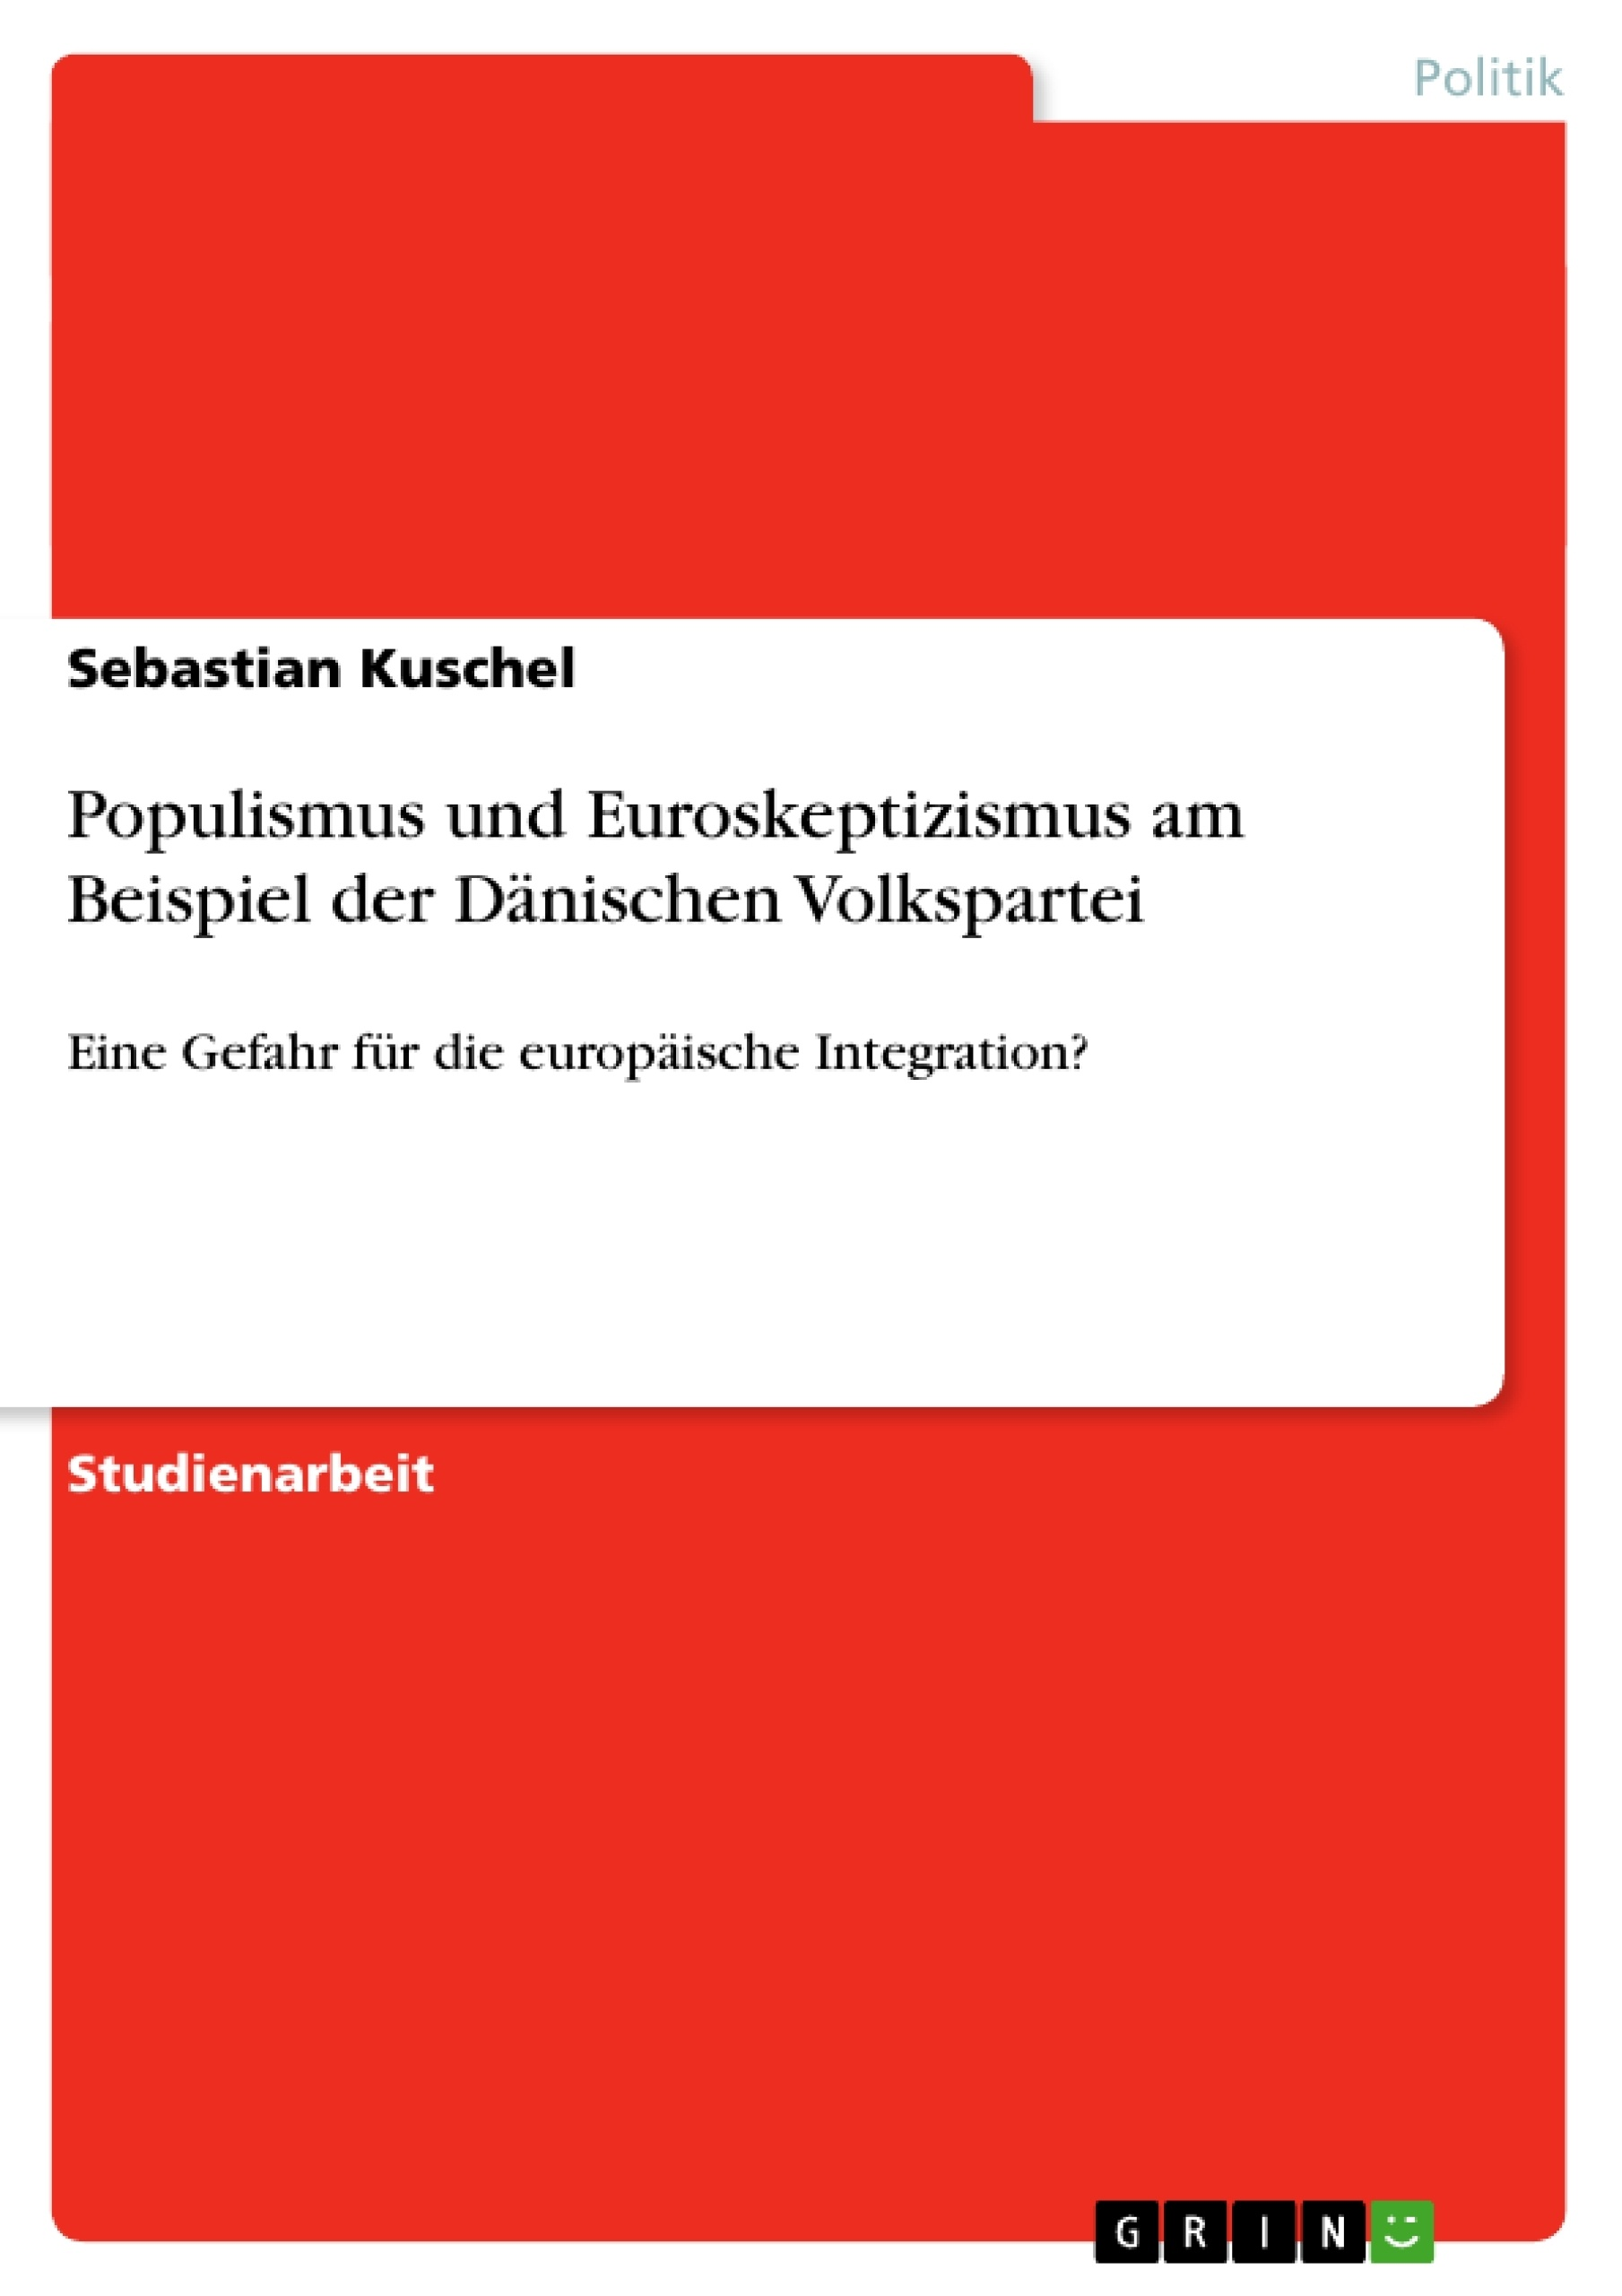 Titel: Populismus und Euroskeptizismus am Beispiel der Dänischen Volkspartei